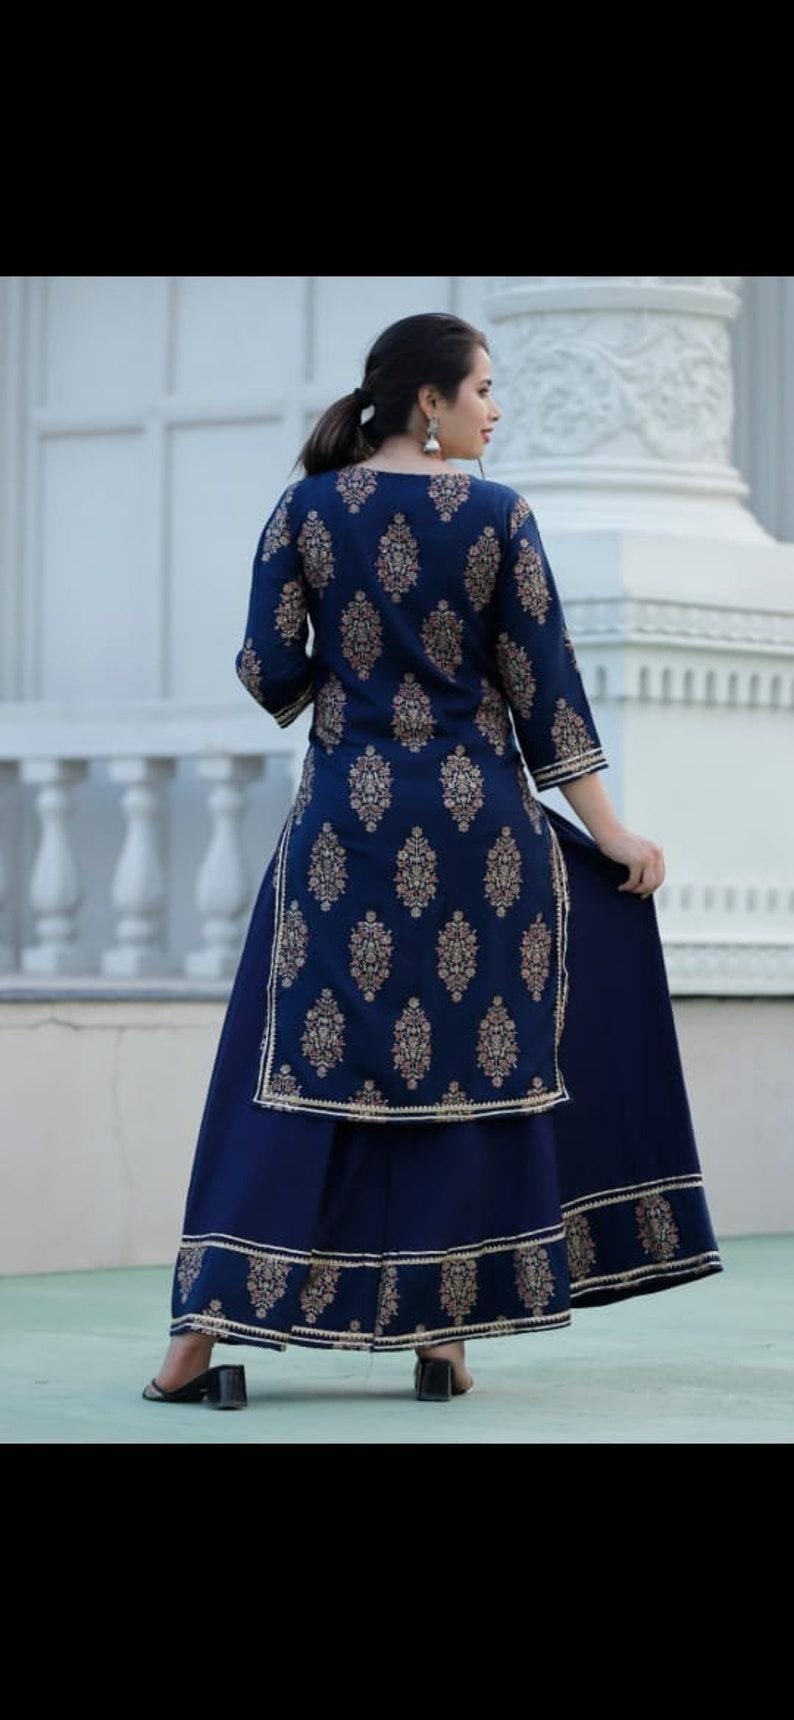 Indian kurti with skirt Indian kurti for women Indian kurta women Indian kurta Indian kurta set Indian kurti tops kurti for women kurti Girl